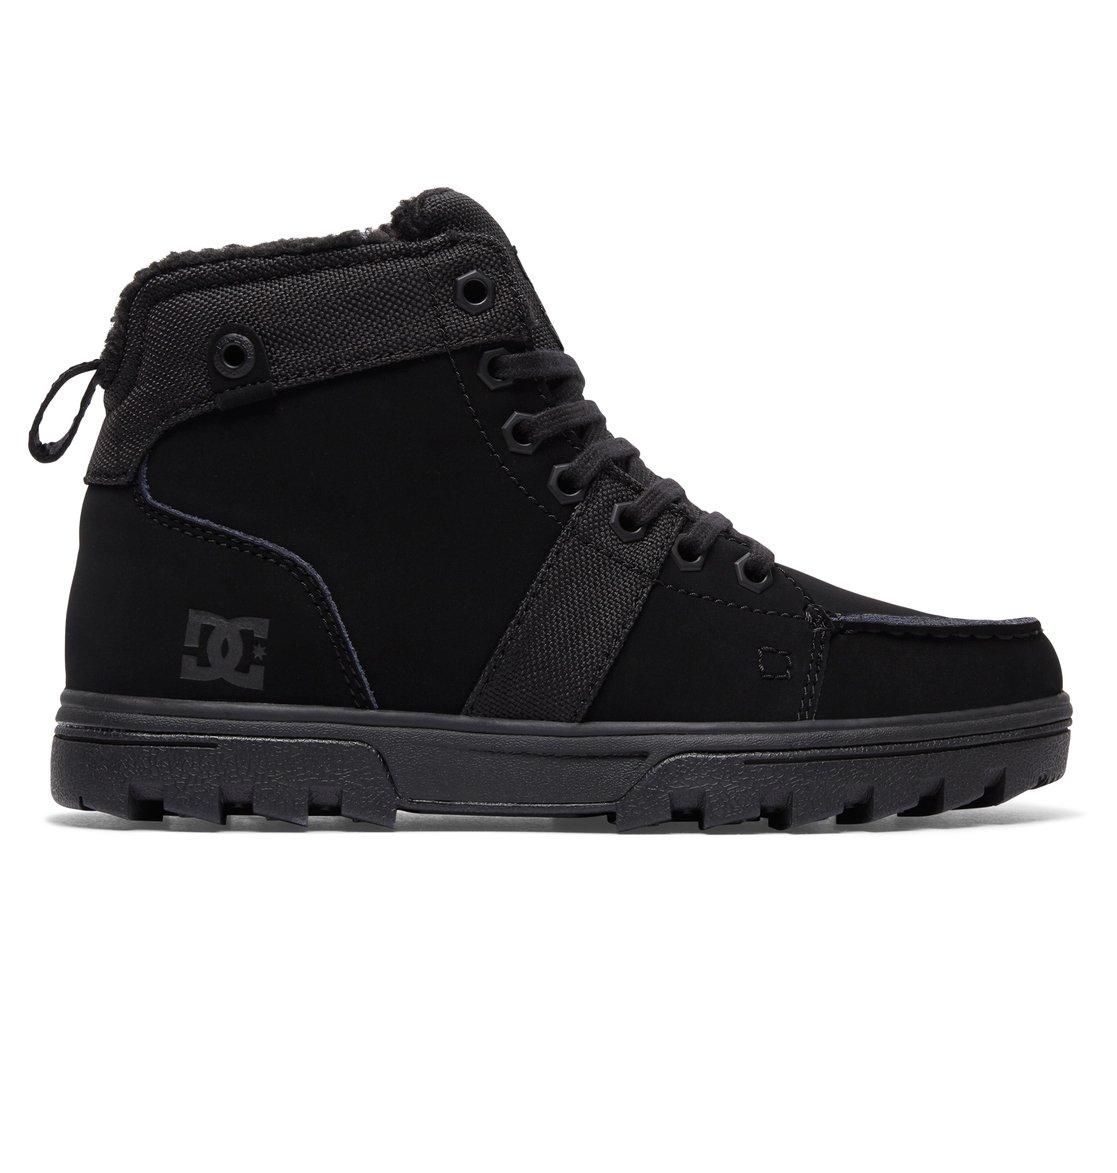 Boots DC shoes Woodland L0LzK